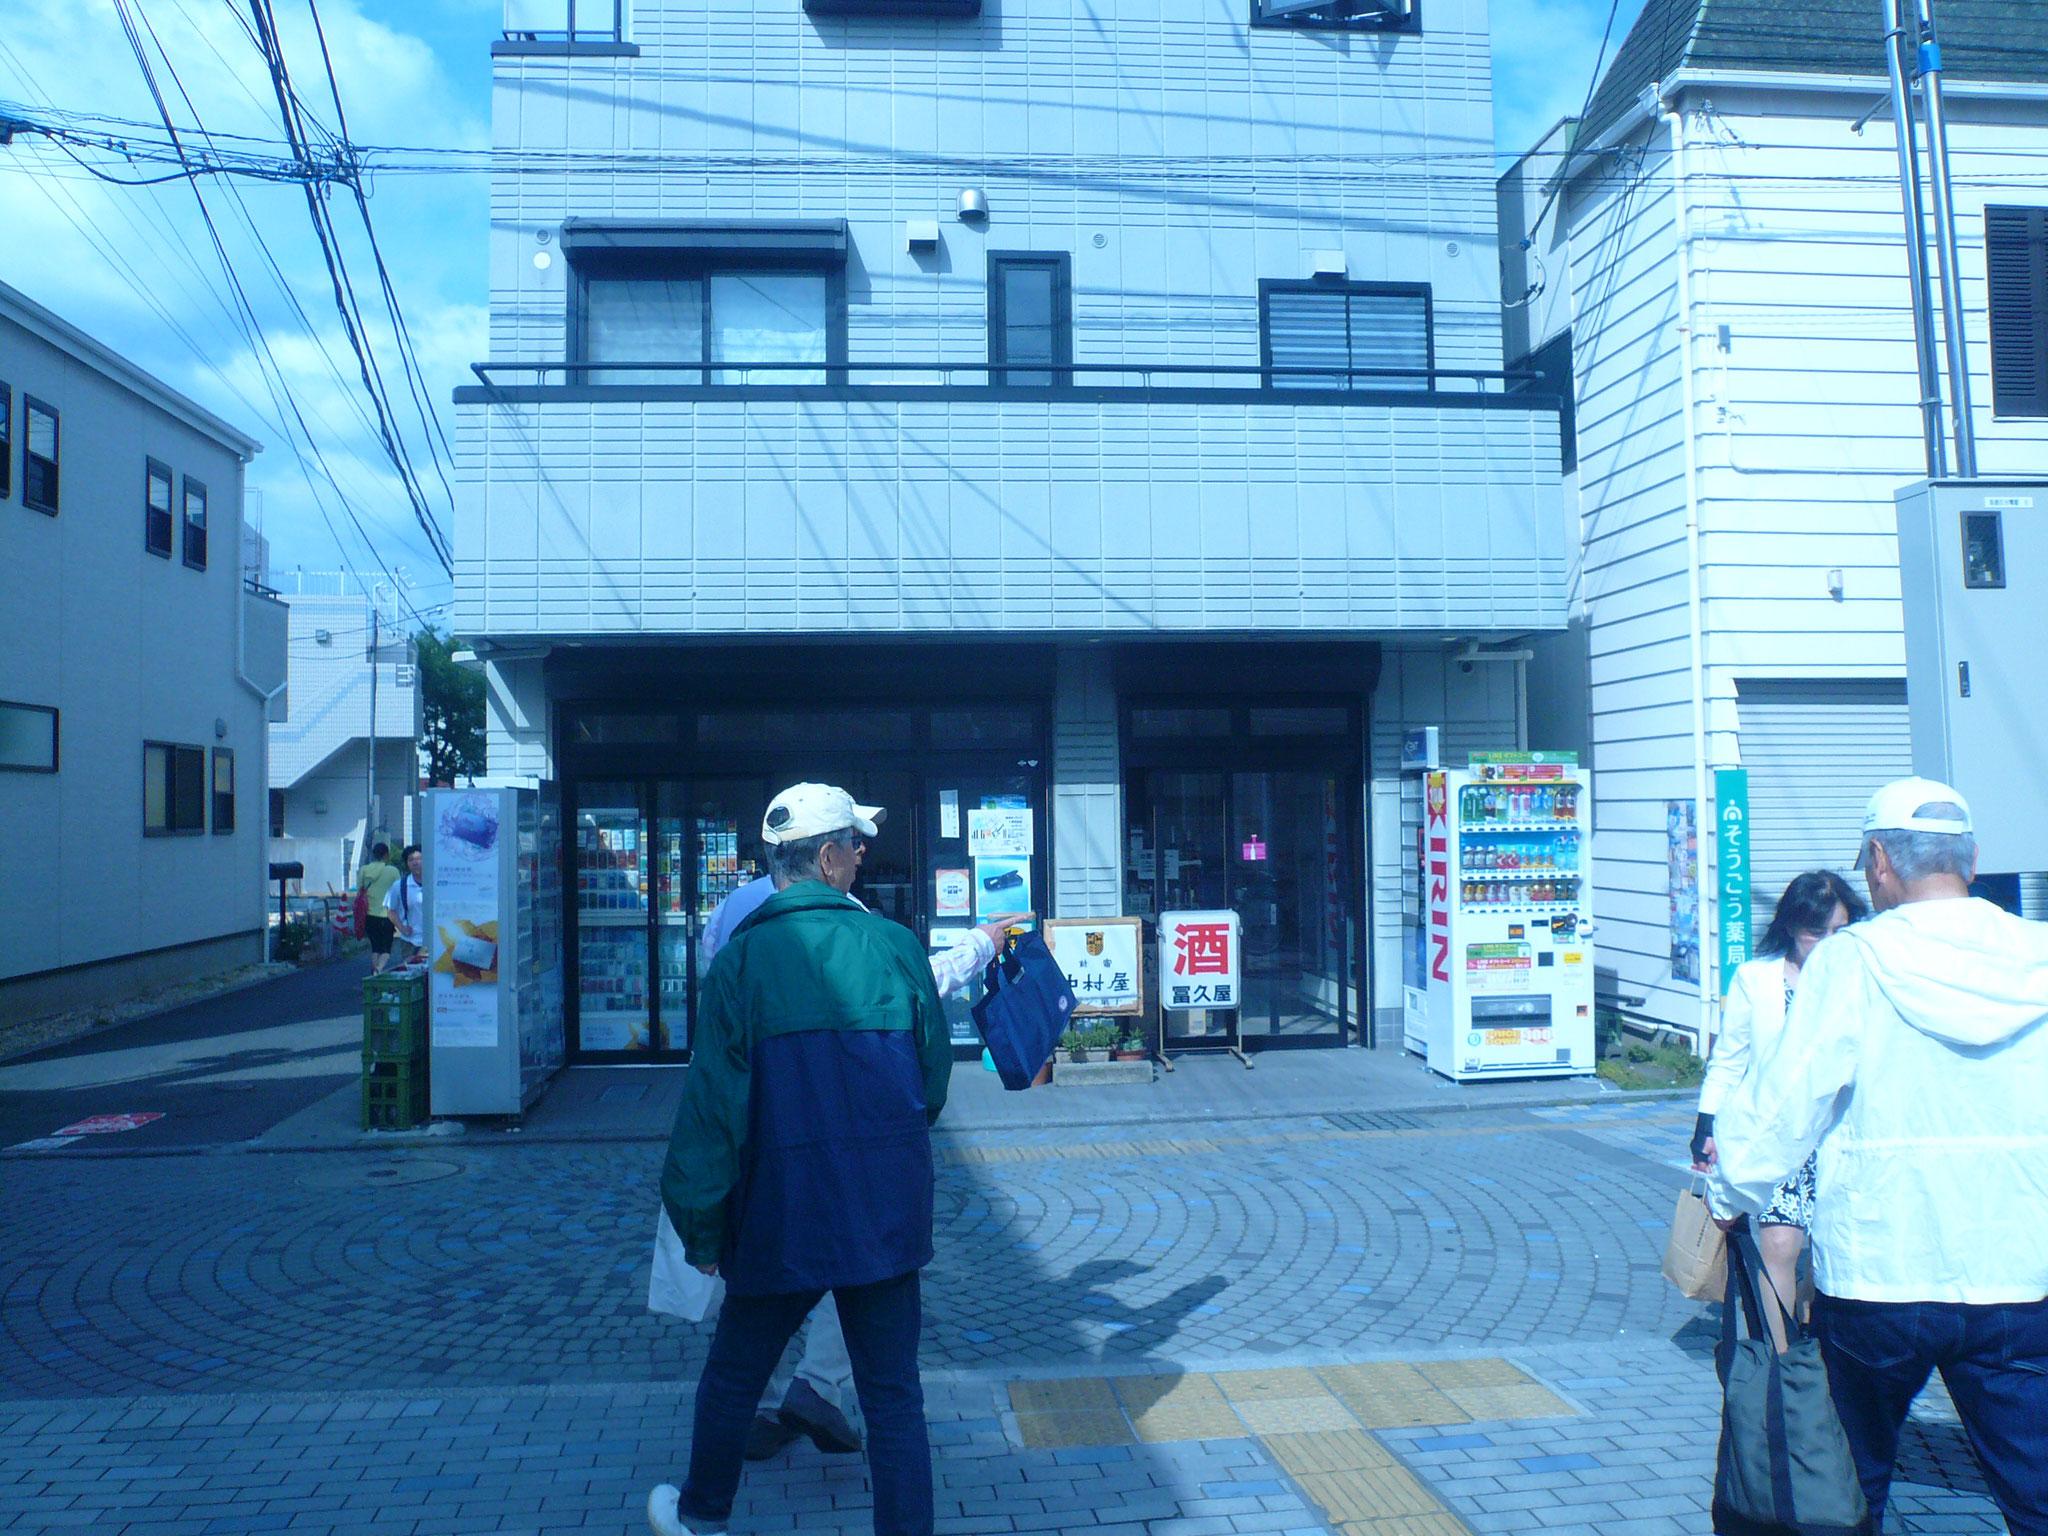 駅前広場でて突き当り商店街左折。次の路地右折